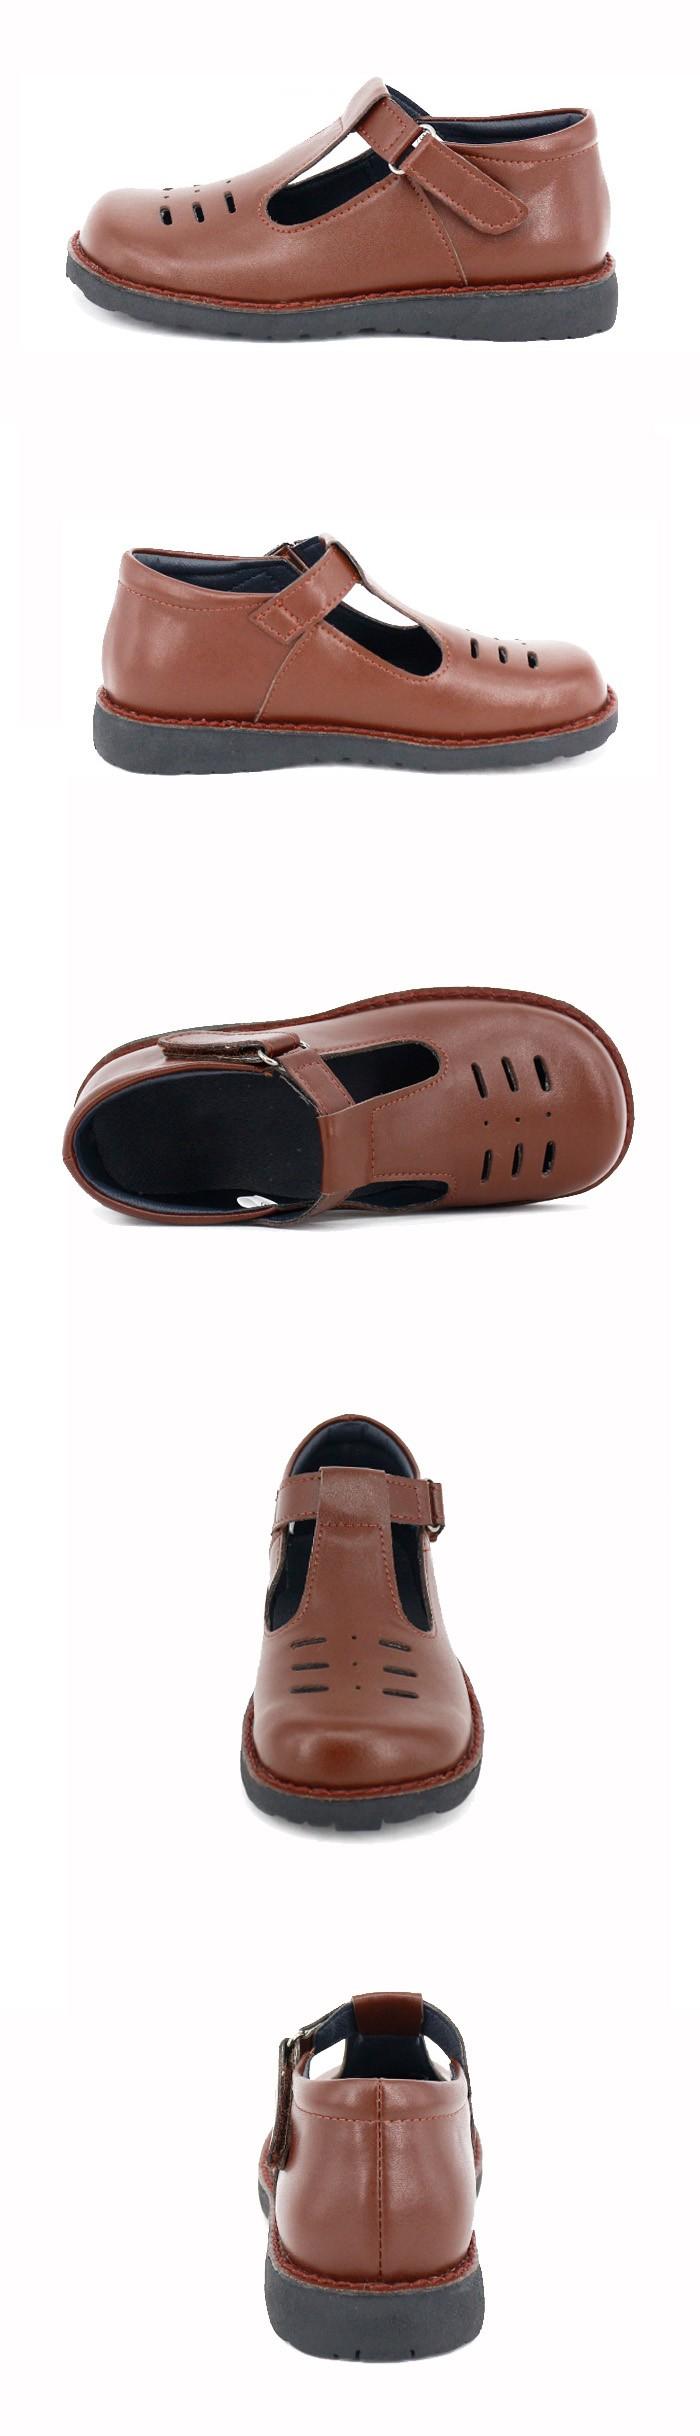 Top Kualitas Terbaru Desain Coklat Kulit Tumit Datar Sepatu Warrior Sekolah